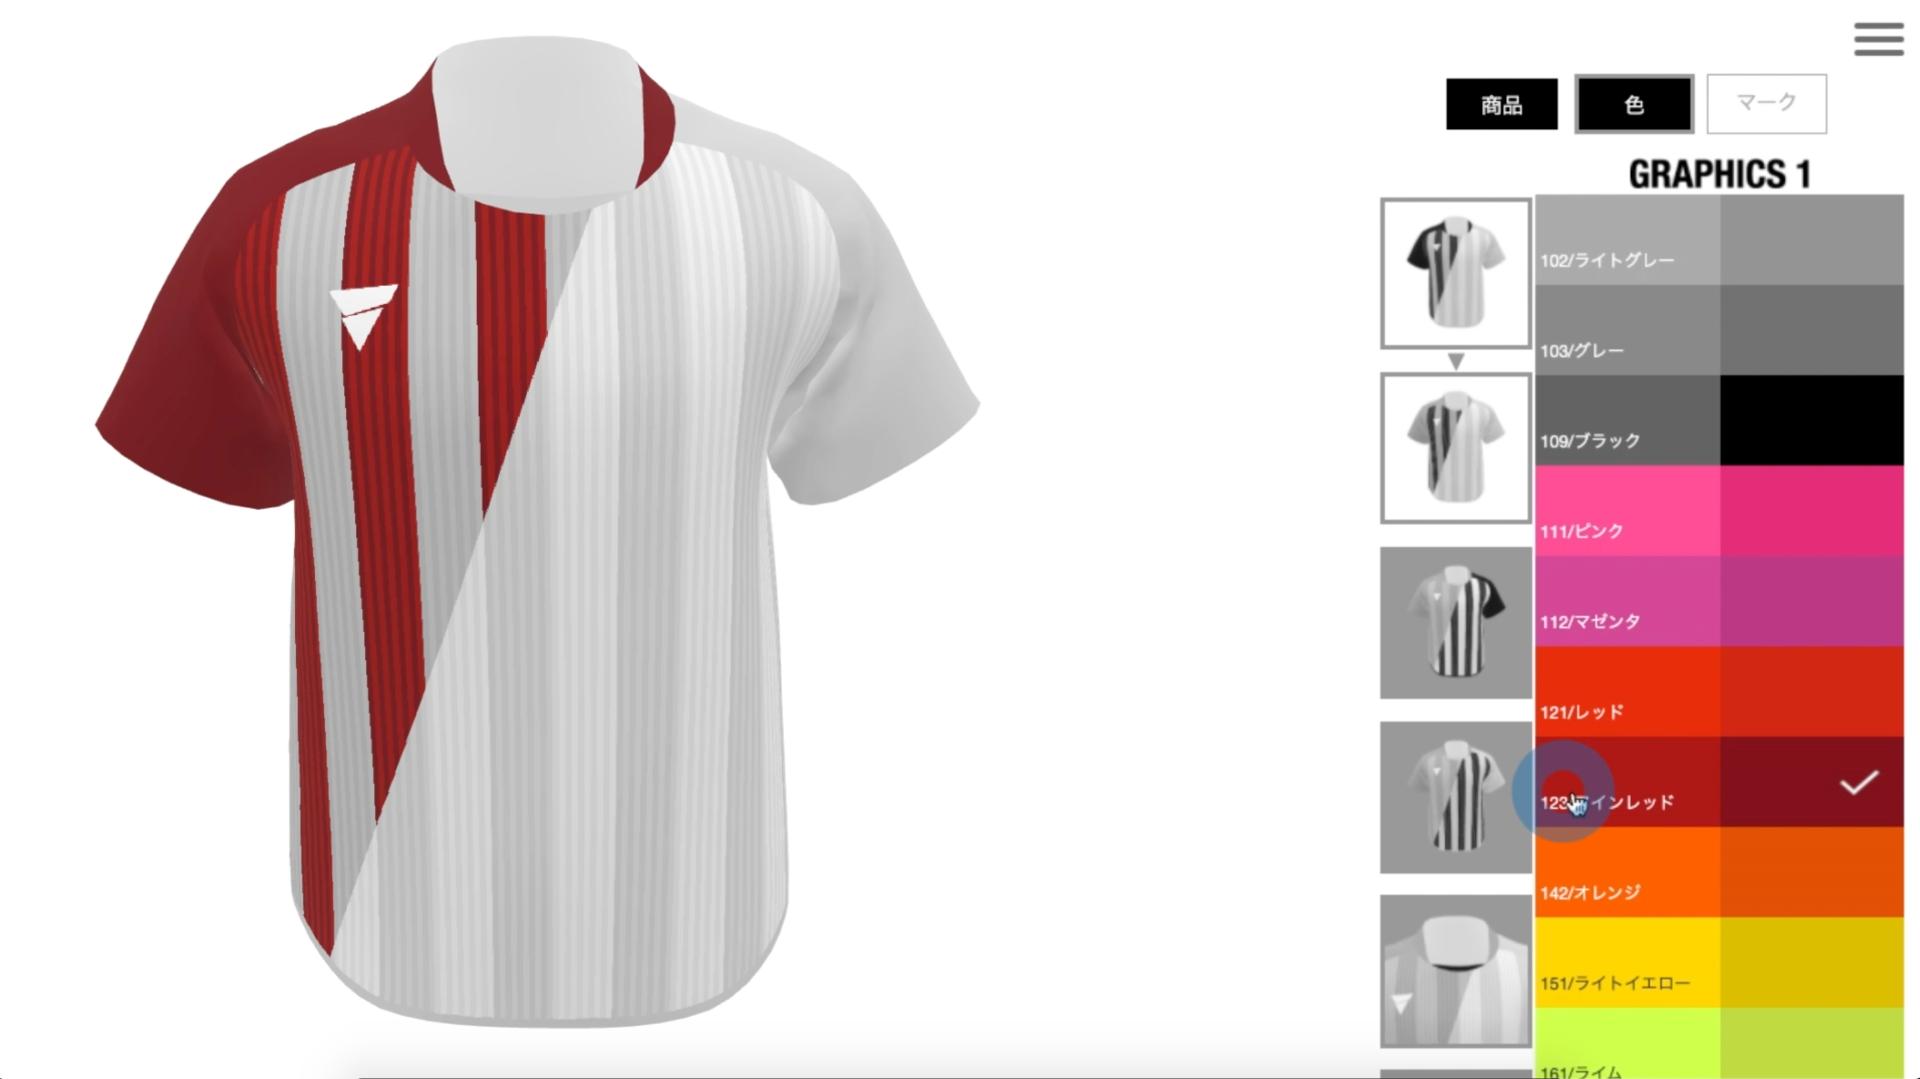 VICTAS EZ CUSTOM 卓球 イージーカスタム ウェア シャツ パンツ 使い方 プレスリリース